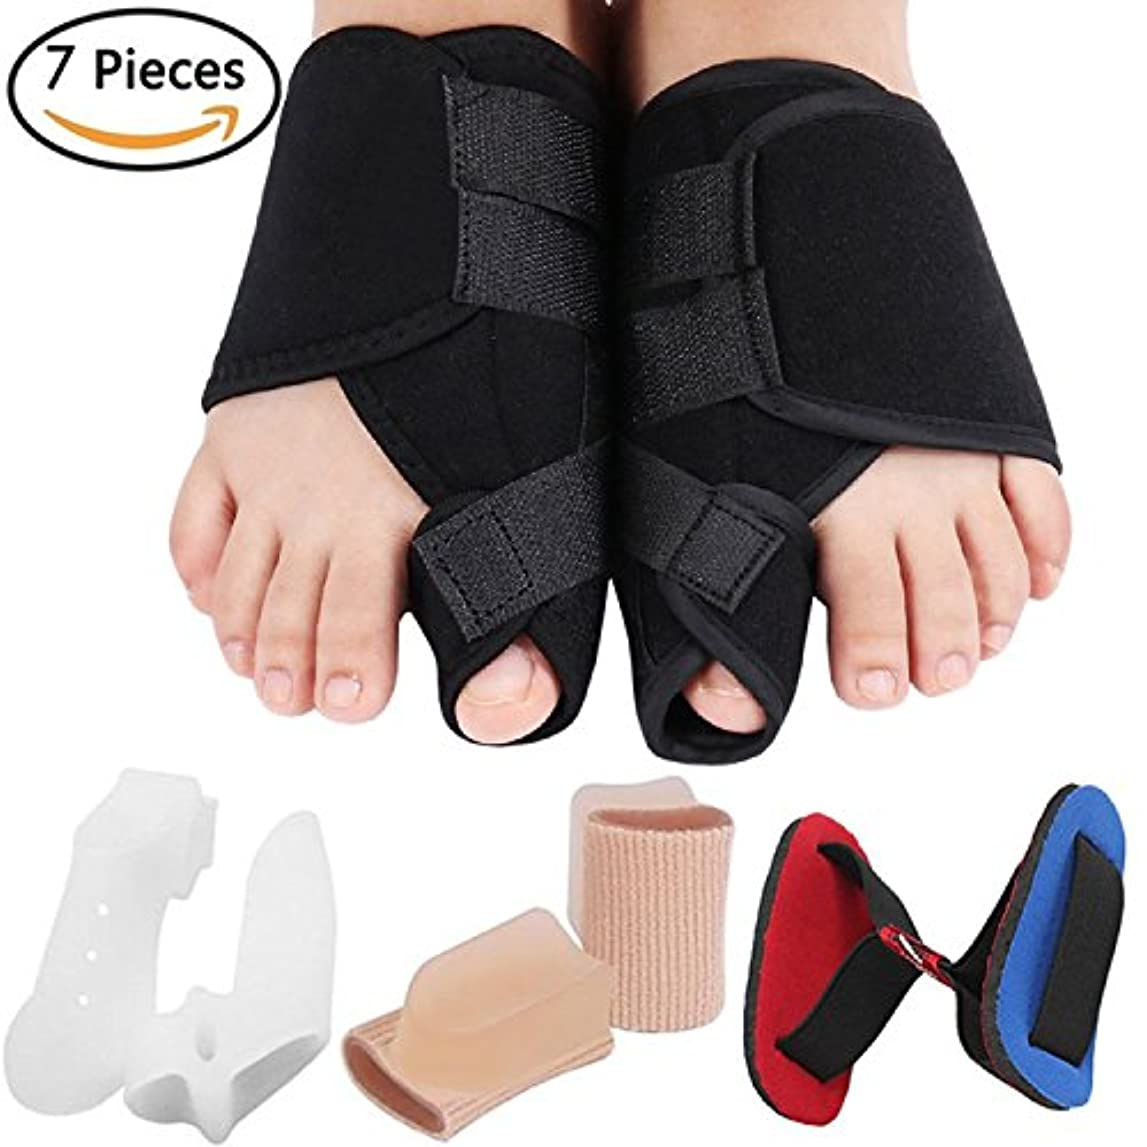 不良品私の嫉妬Bunion Corrector Bunion Relief Kit, Bunion Splint Toe Straightener Corrector for Hallux Valgus, Big Toe Joint,...